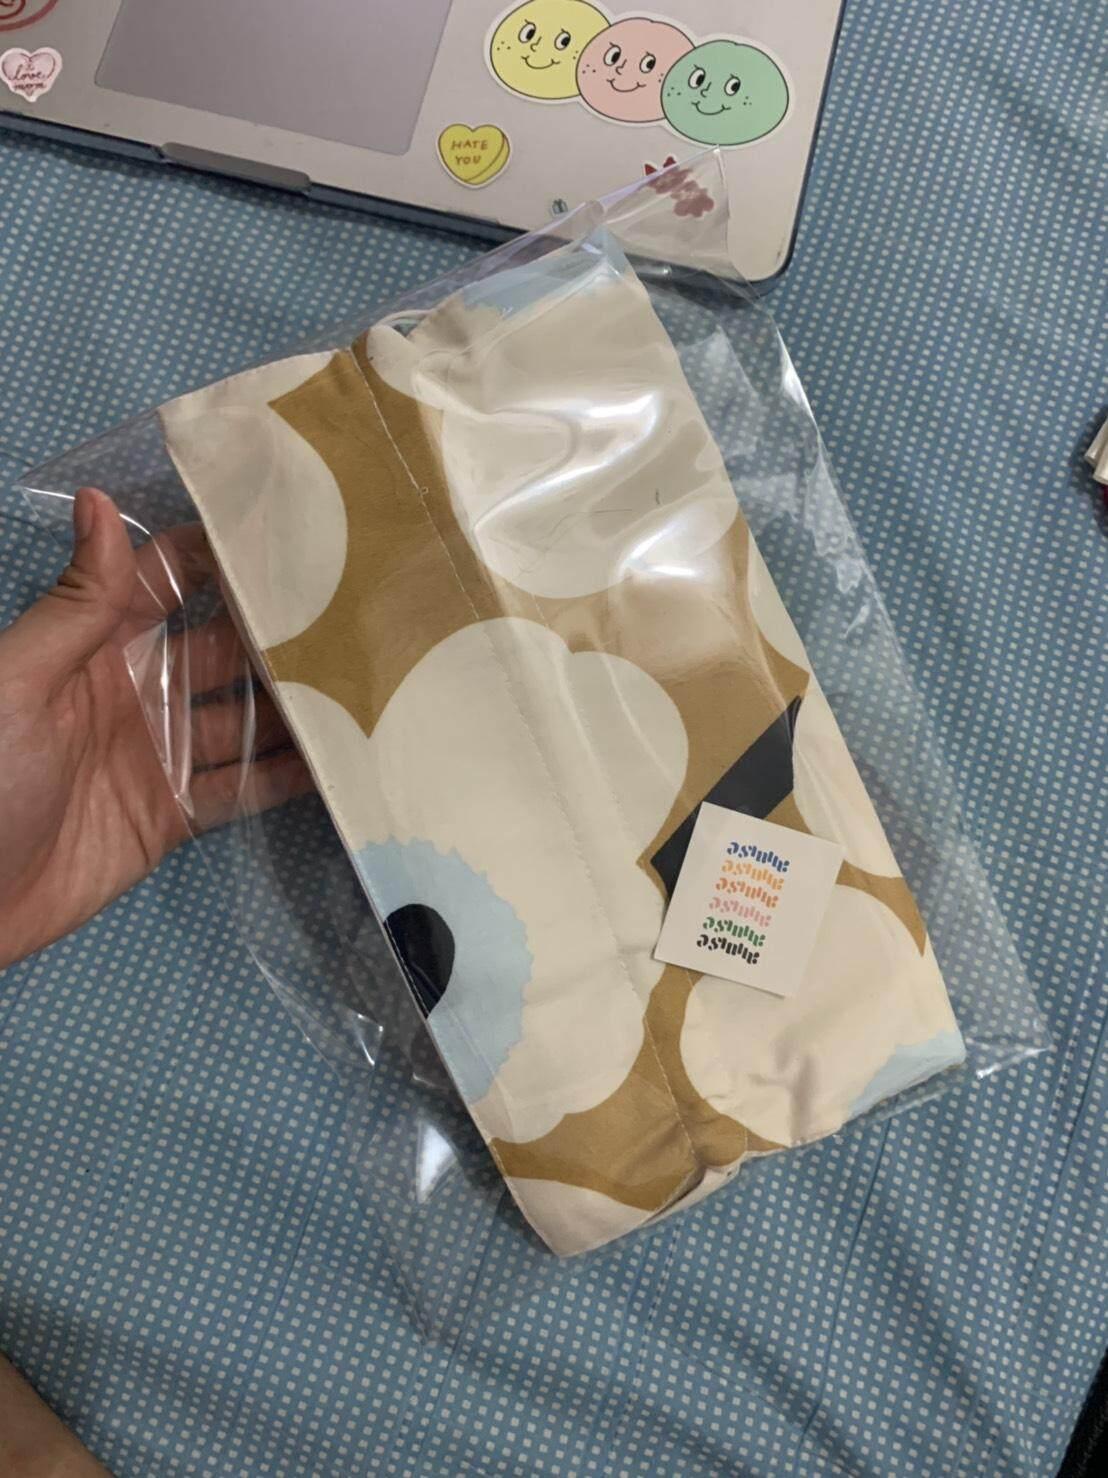 กระเป๋าเป้สะพายหลัง นักเรียน ผู้หญิง วัยรุ่น แม่ฮ่องสอน jeeb bag marimekko